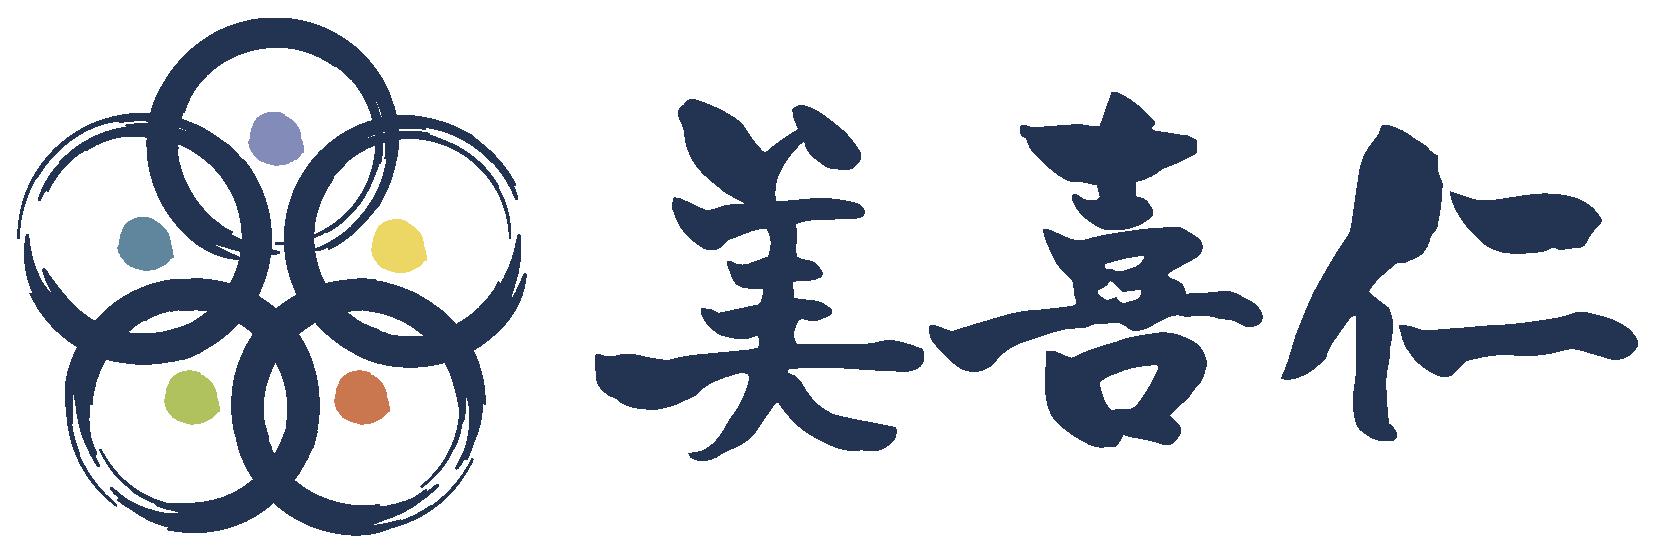 飲食業と堅め/堅実と紺のロゴ